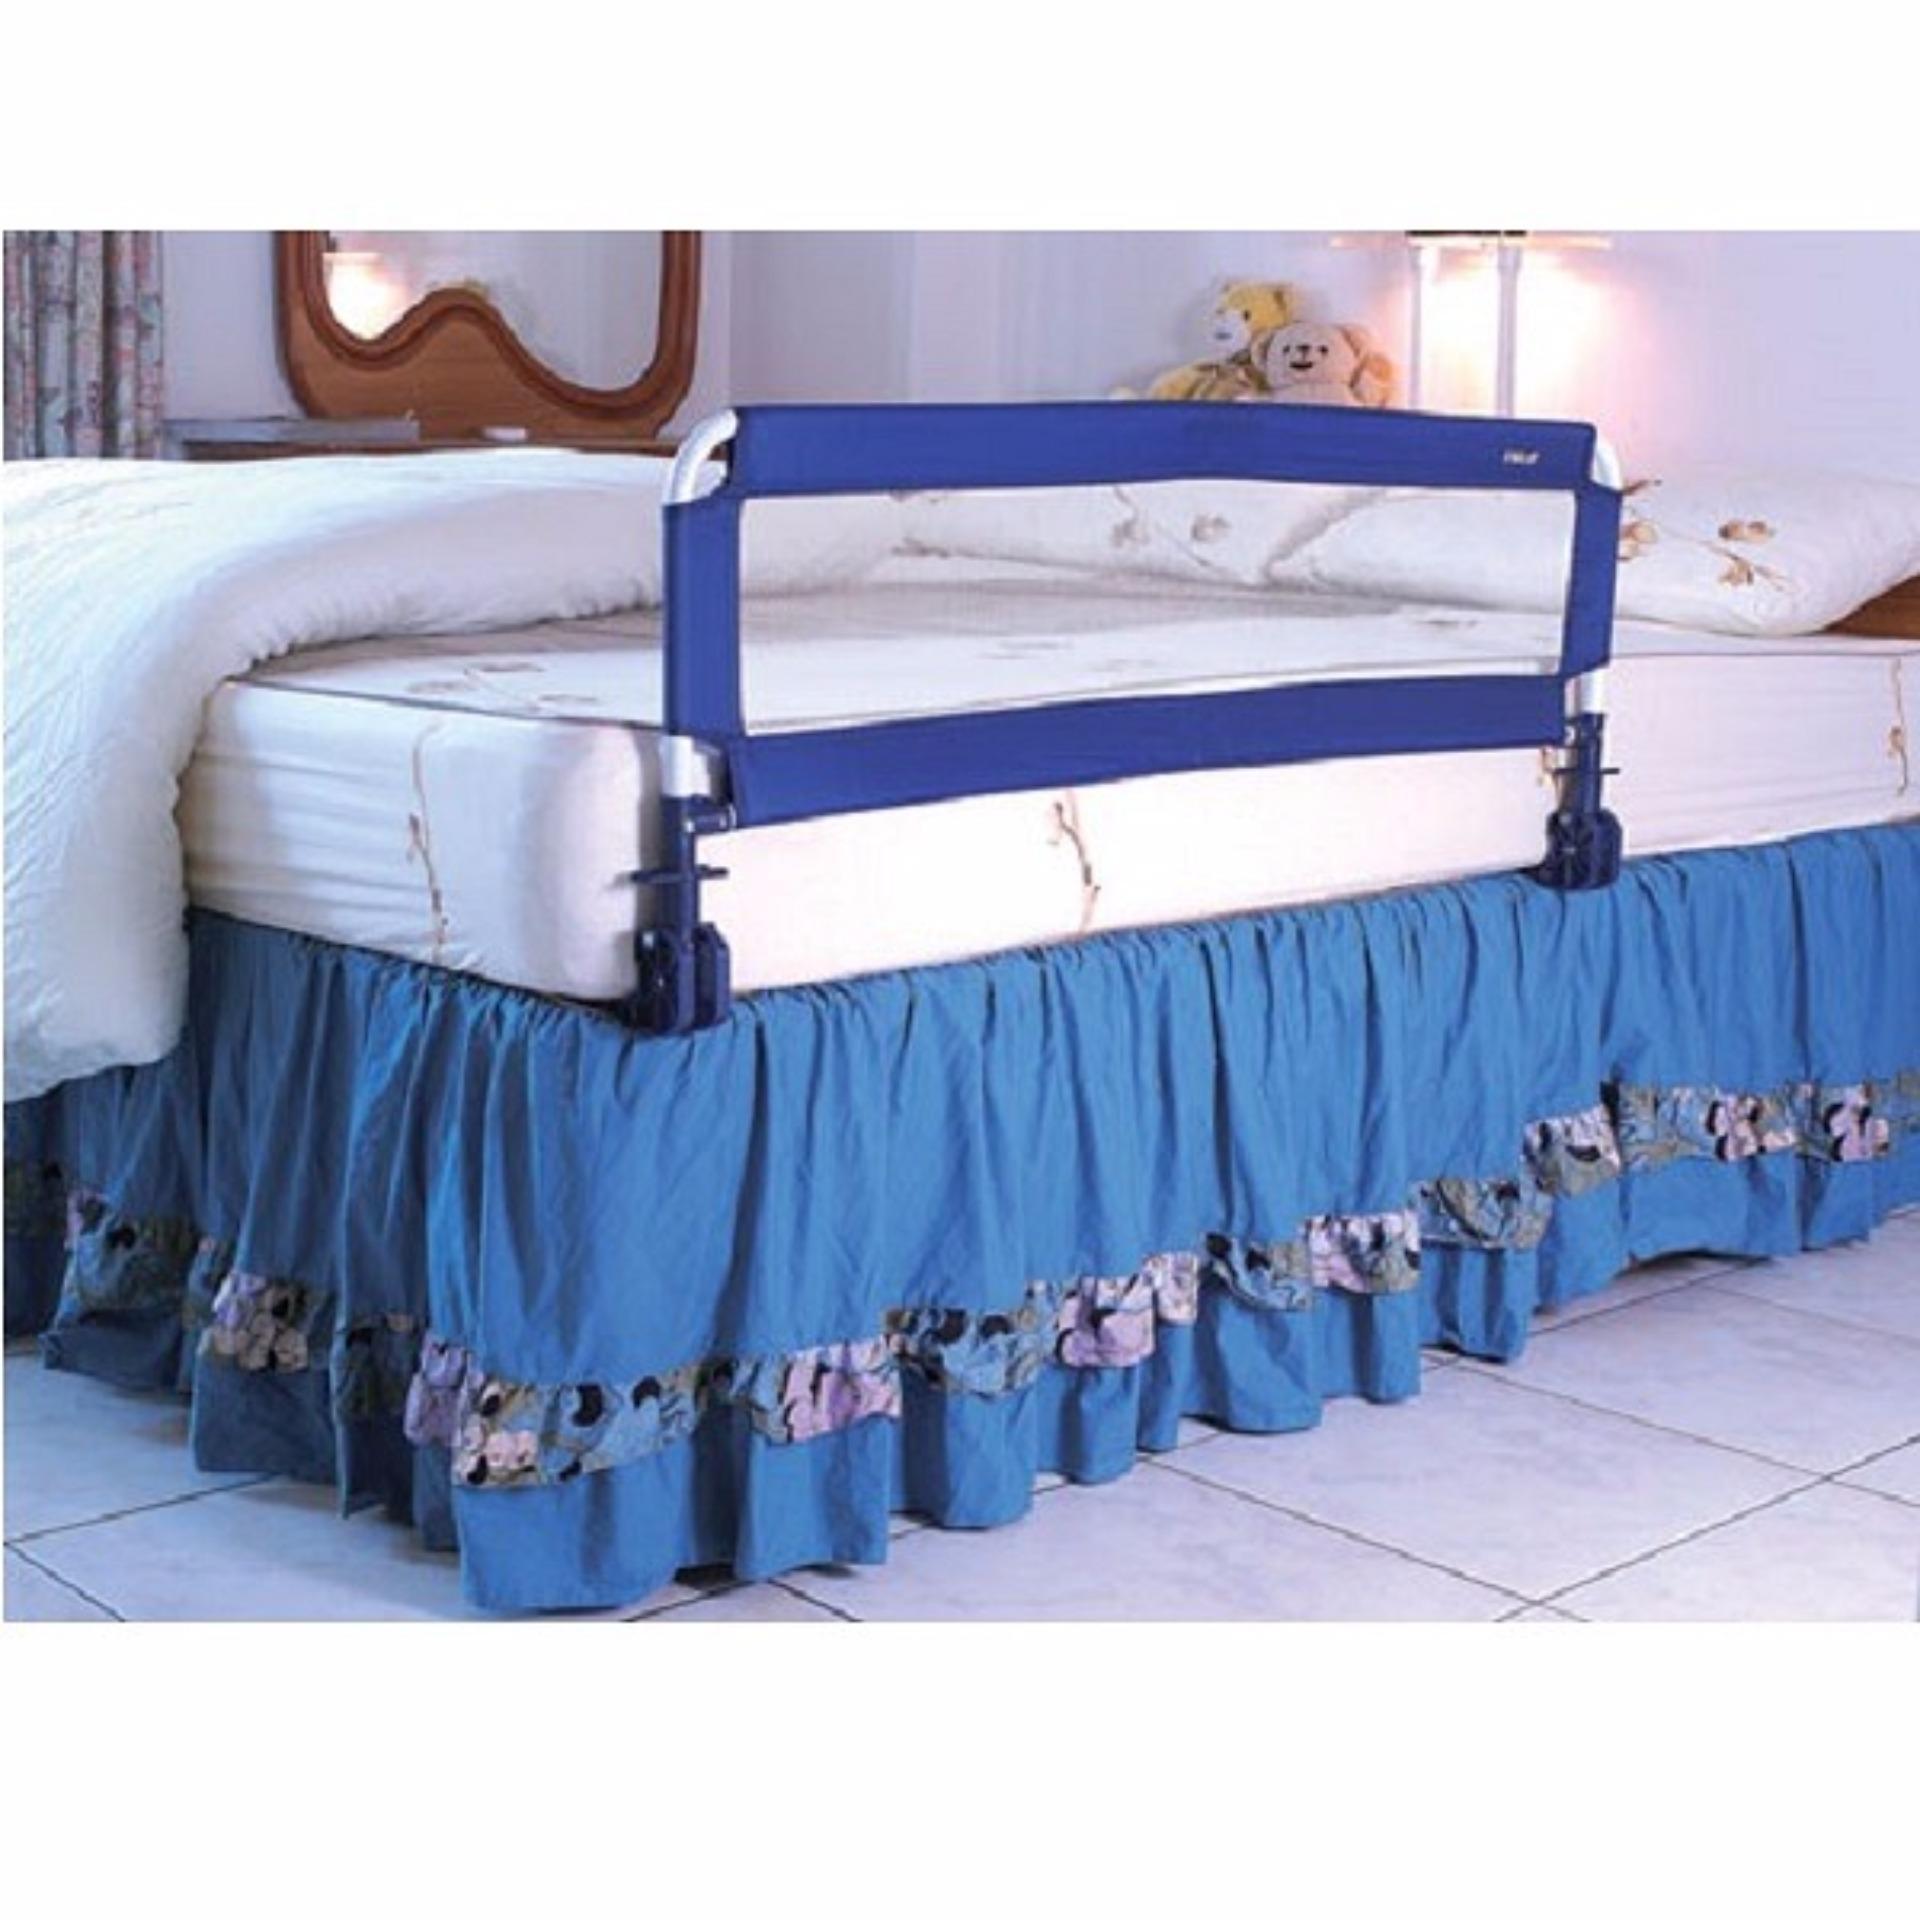 Thanh chắn giường em bé Farlin BF-931B